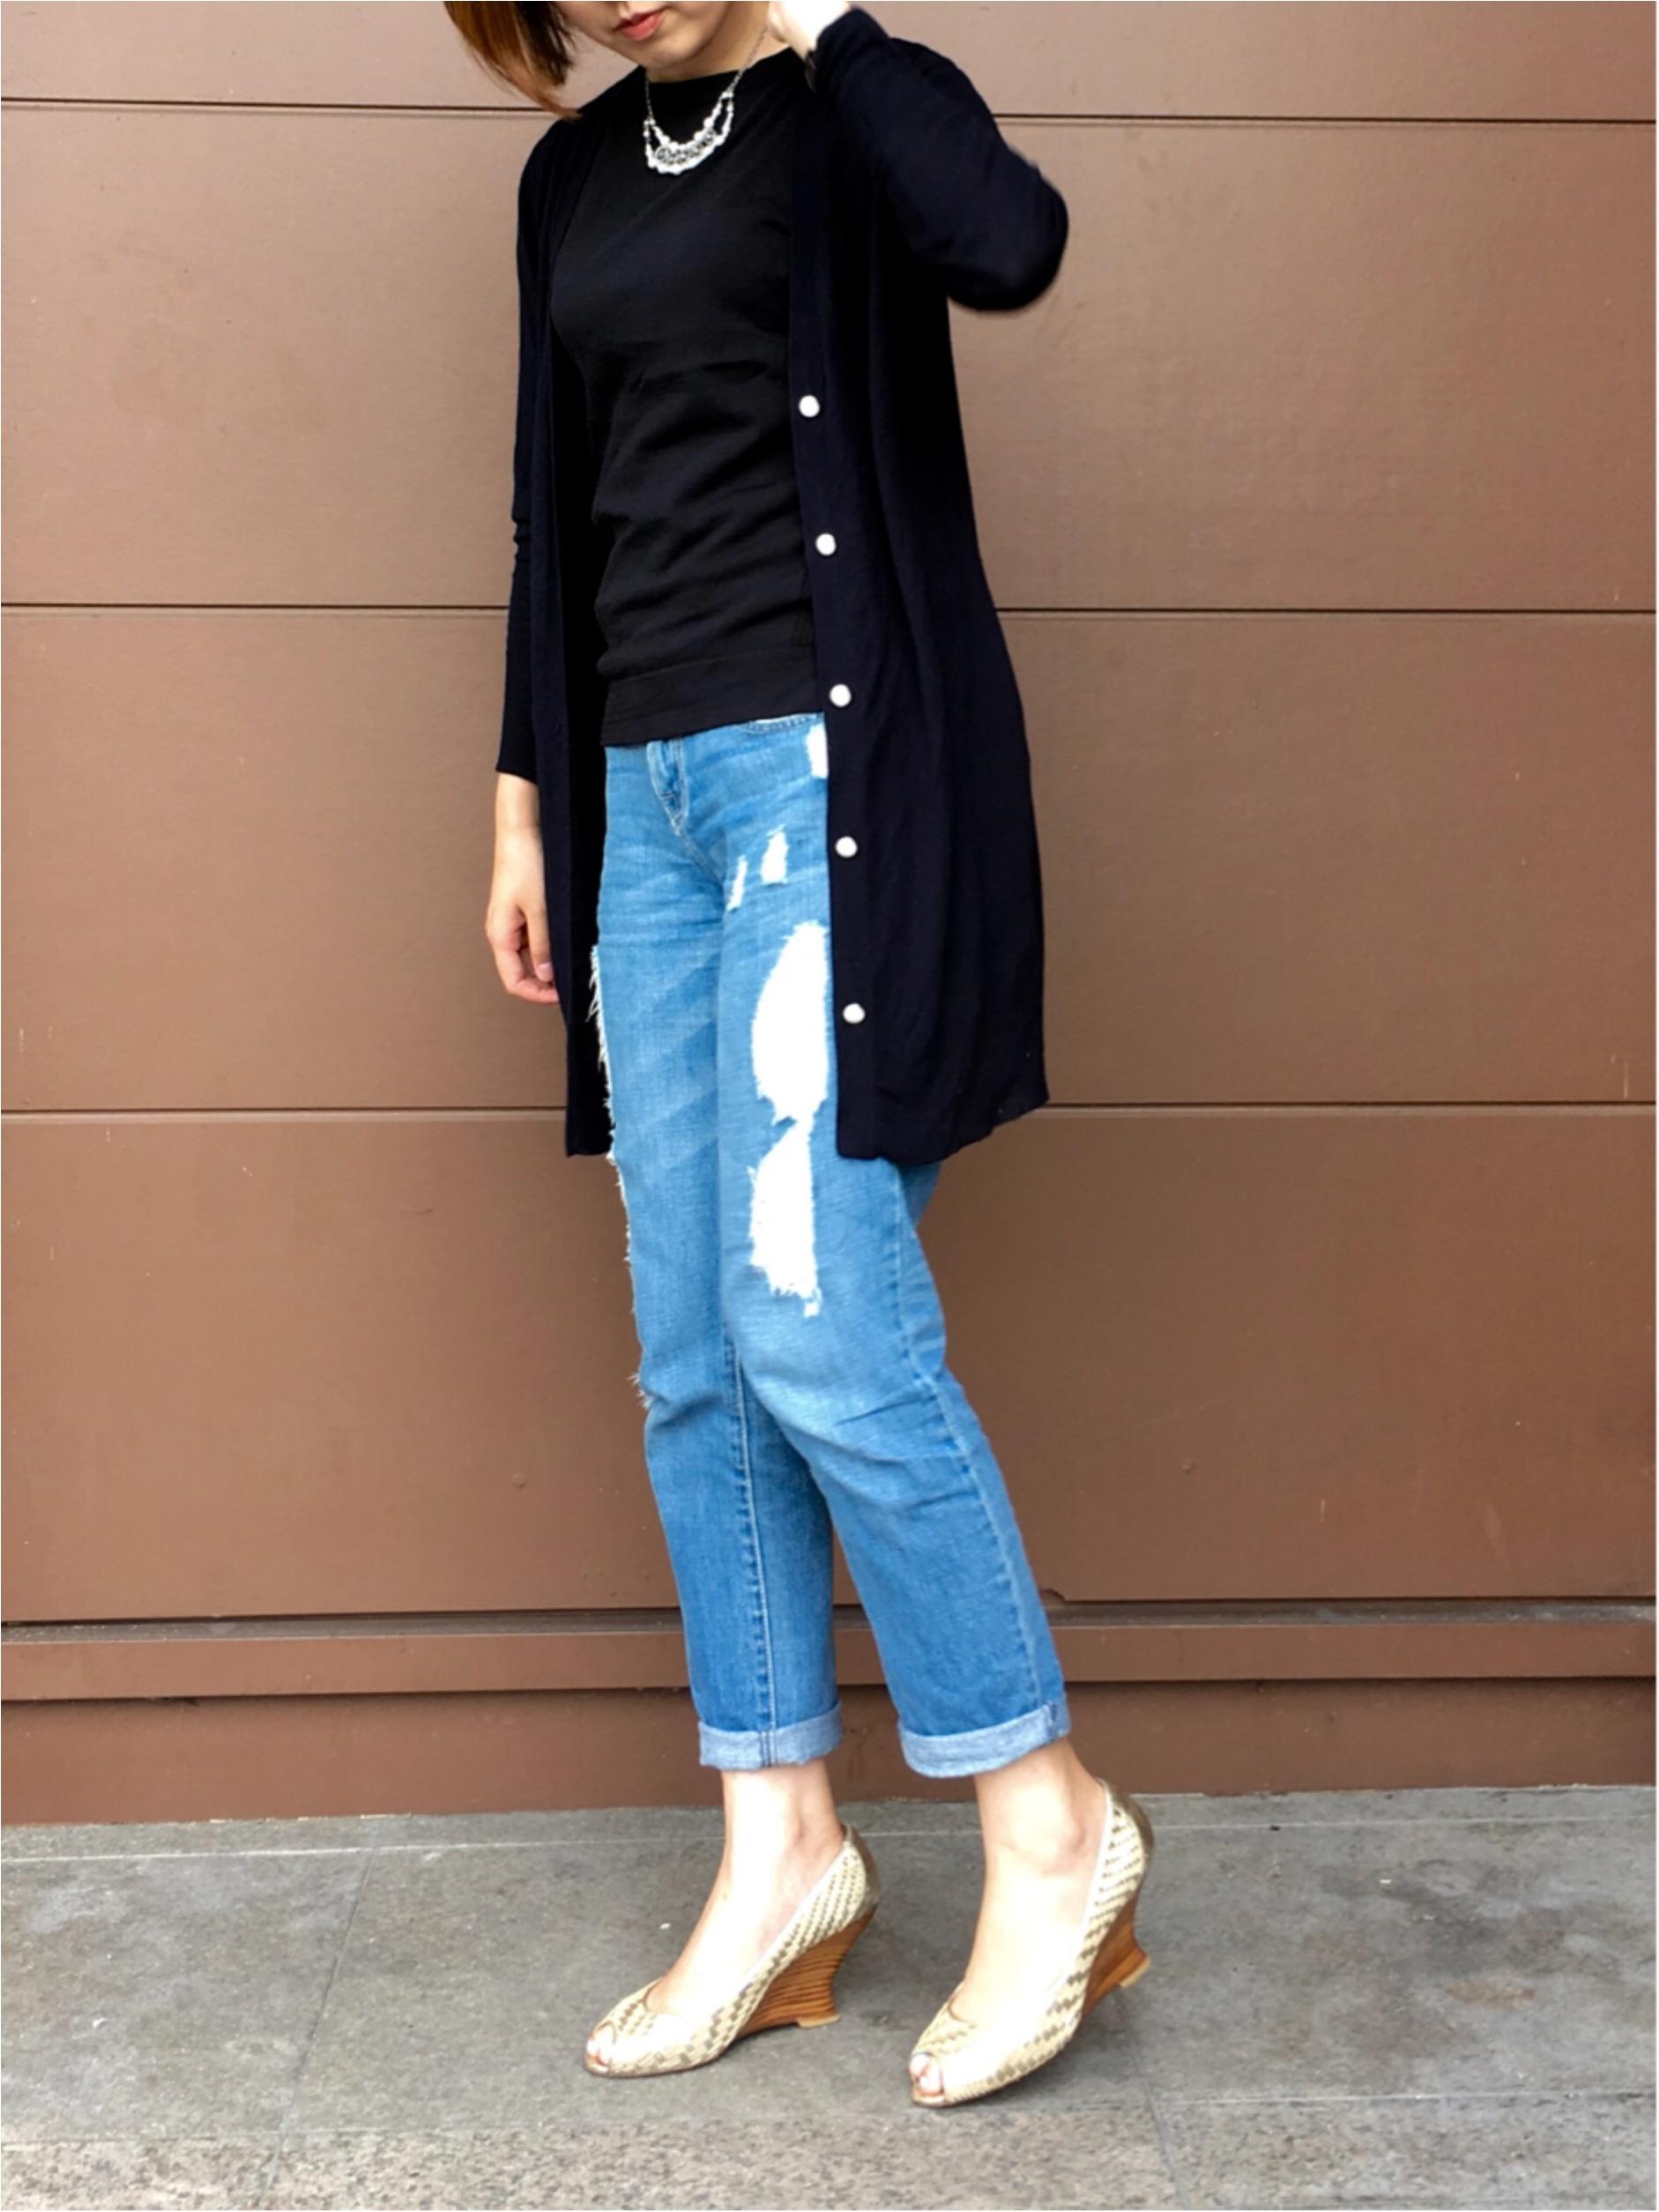 ◆◇紫外線&冷え対策◇◆MORE掲載!オリジナルブランド FlowerDaysのロングカーデを着てみました♪_2